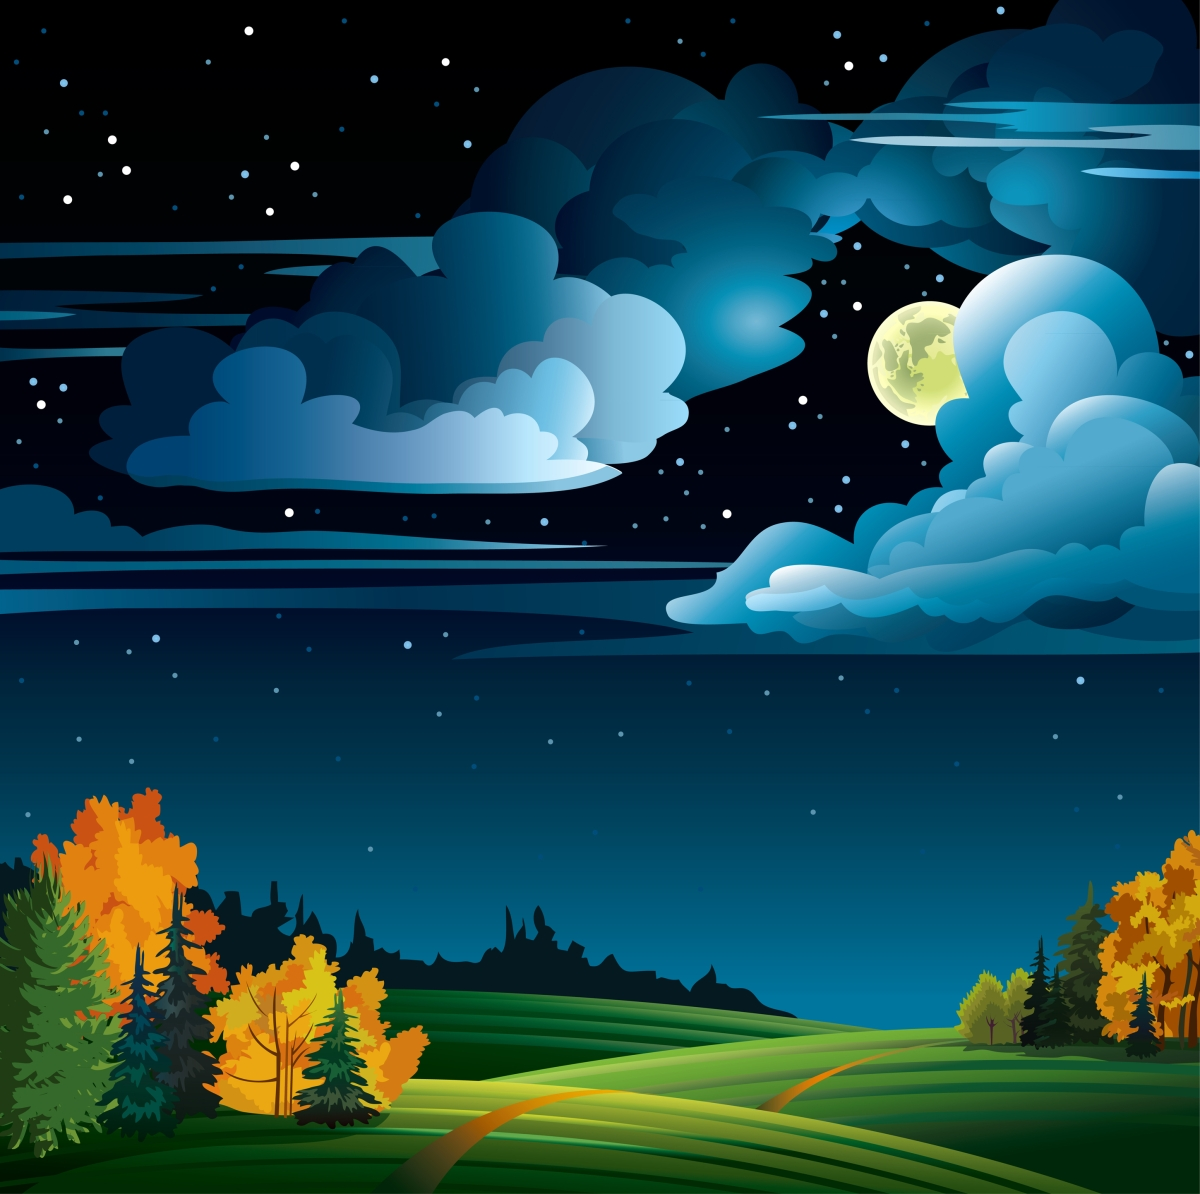 An Evening Pause